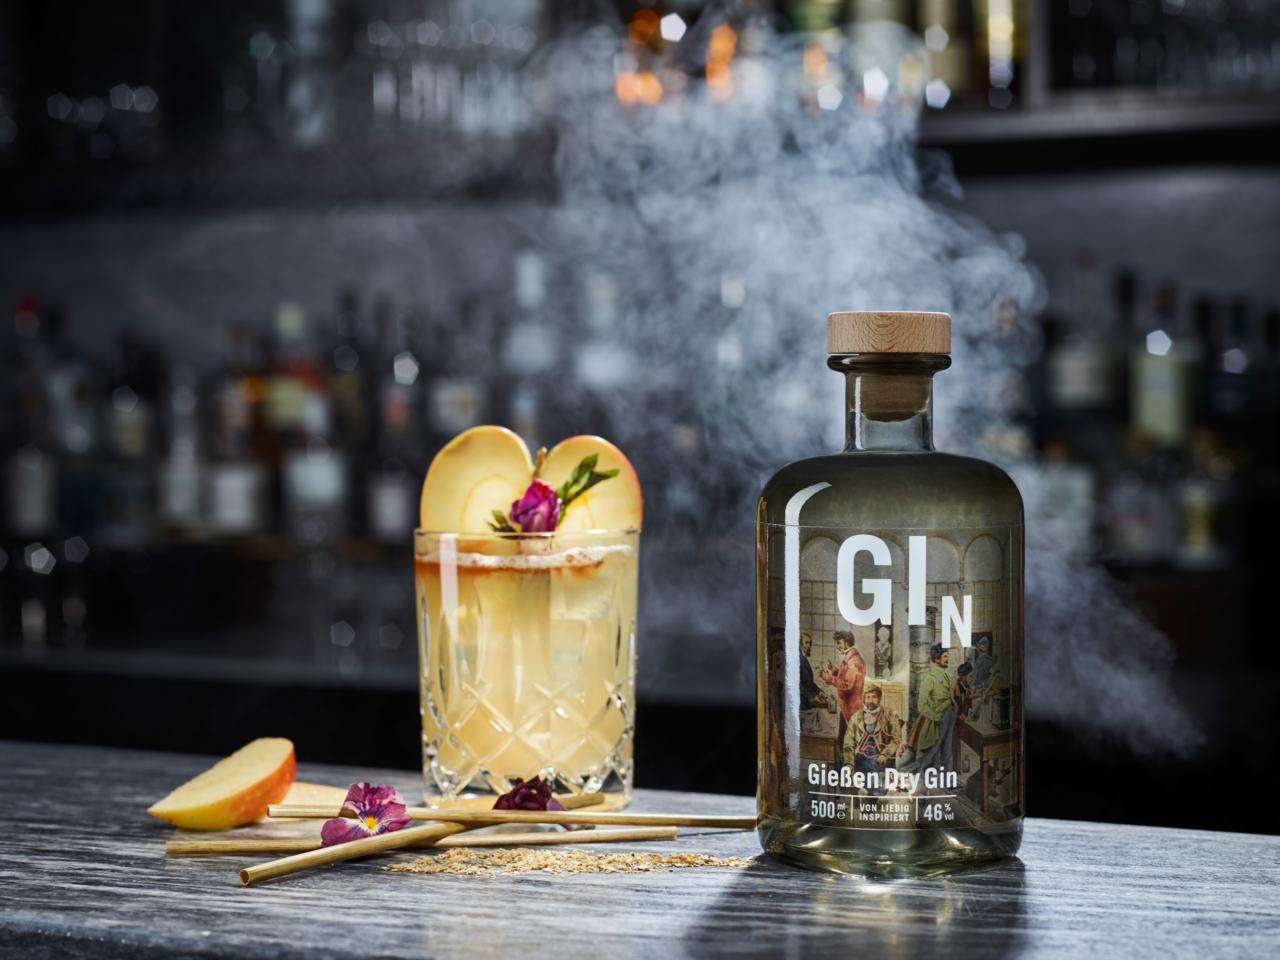 Giessen Dry Gin | Foto Werbung Werbefotografie Produktfoto